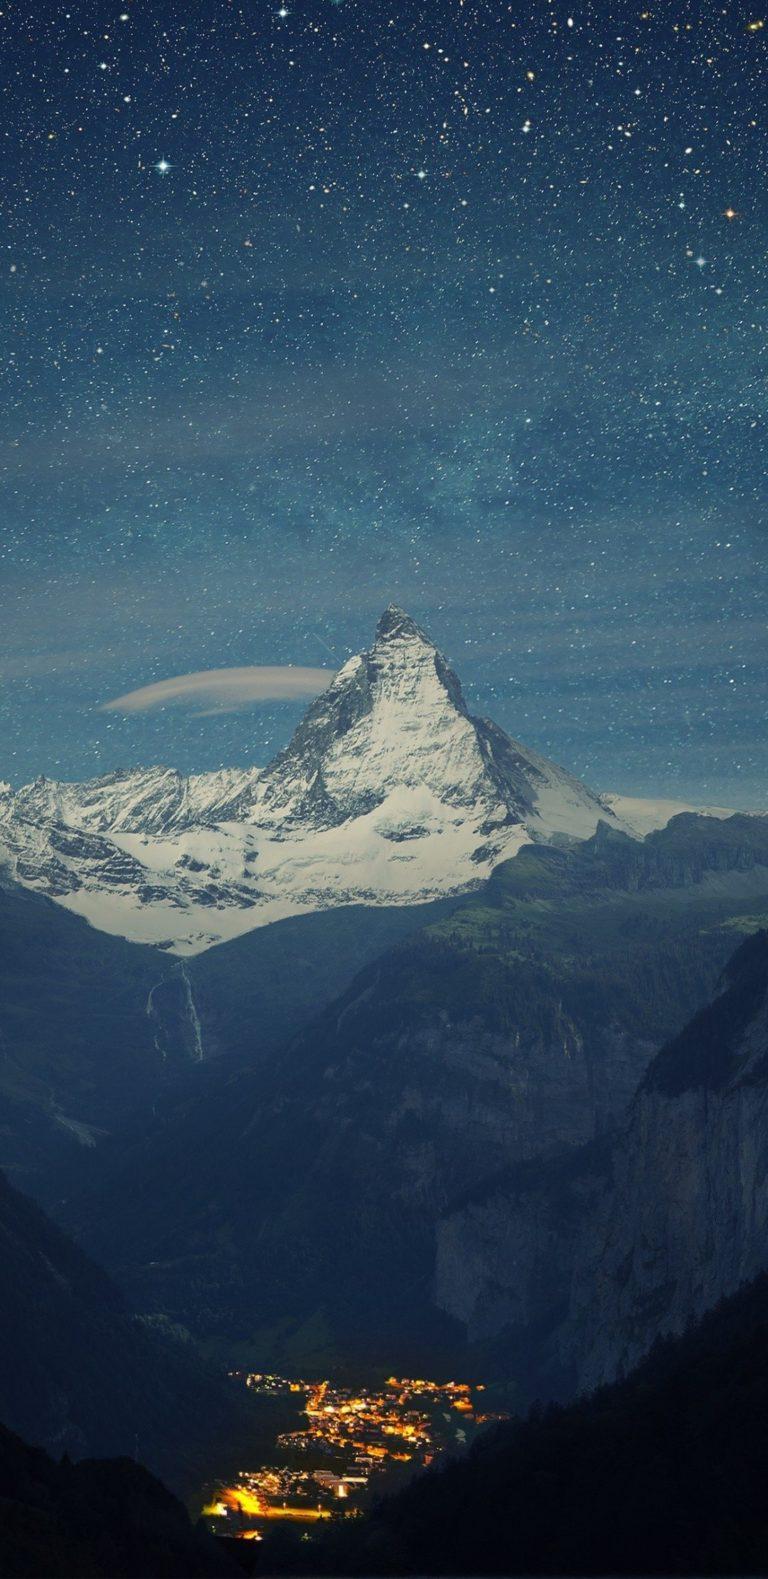 Mountains Landscapes Nature Snow 1080x2220 768x1579